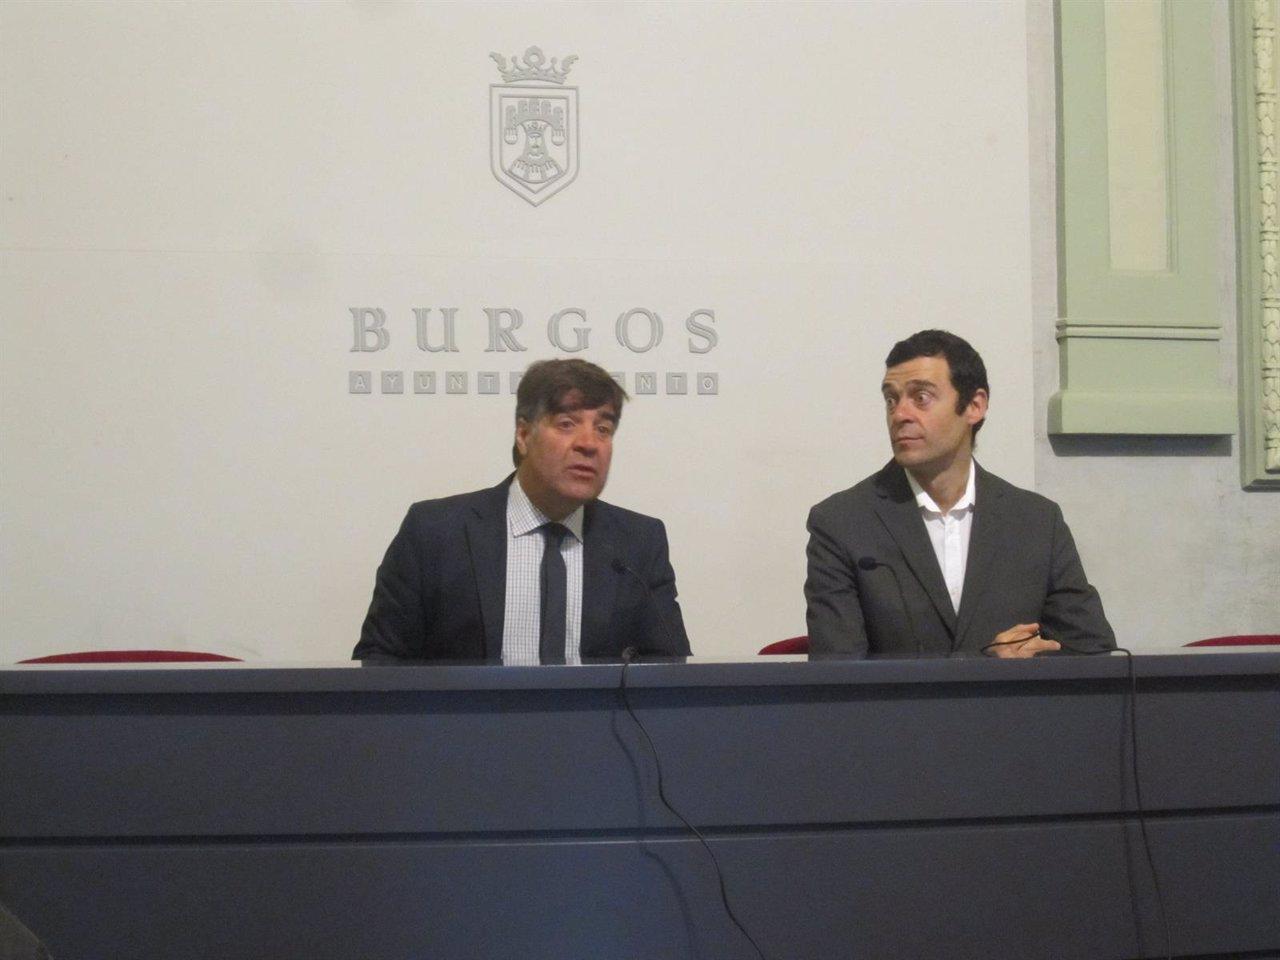 Presentación de los actos del décimo aniversario de la Sinfónica de Burgos.